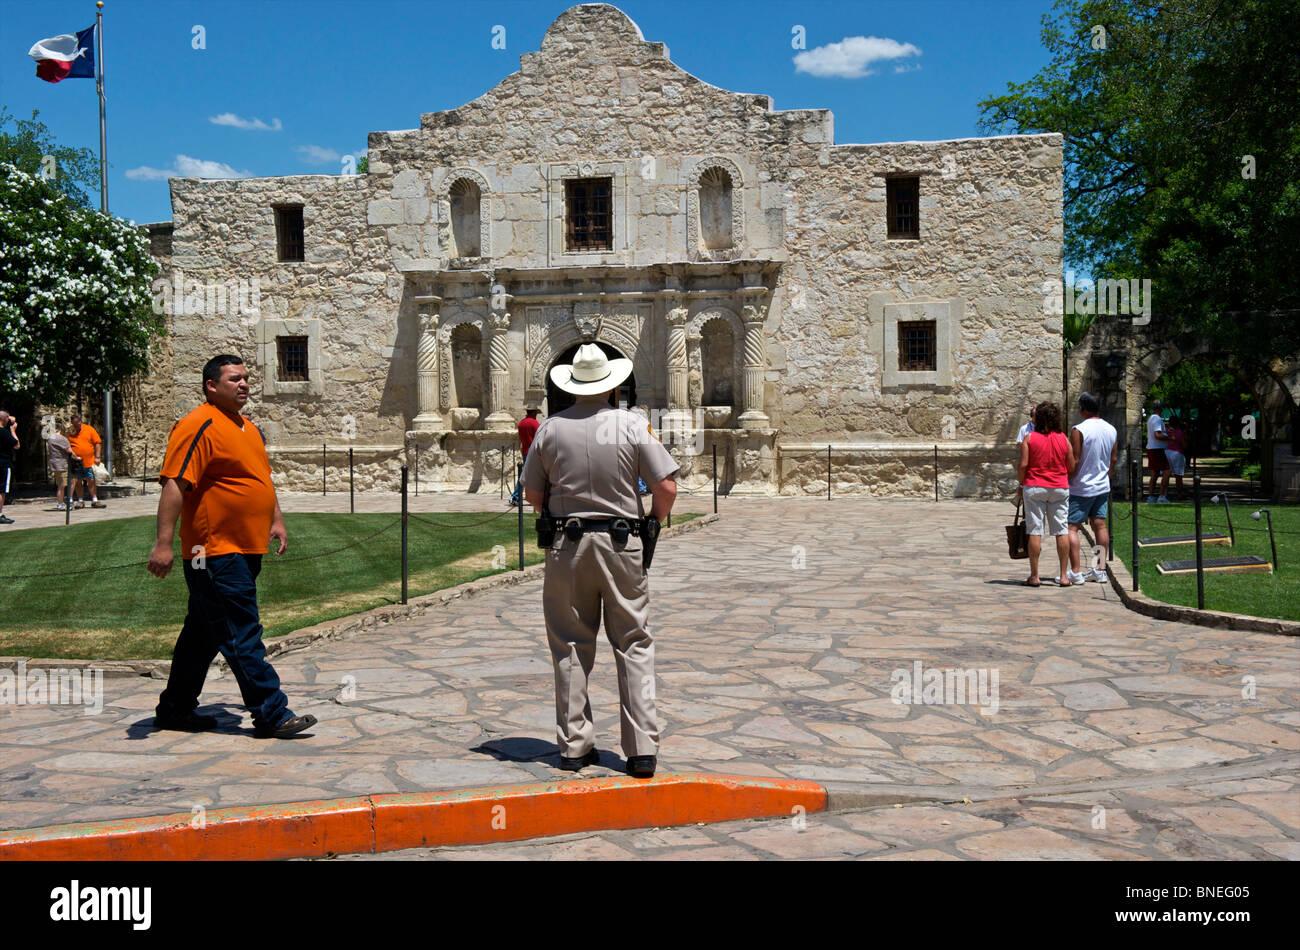 Agent de police ancienne garde Alamo symbole de l'indépendance du Texas au Texas San Antonio, États-Unis Banque D'Images